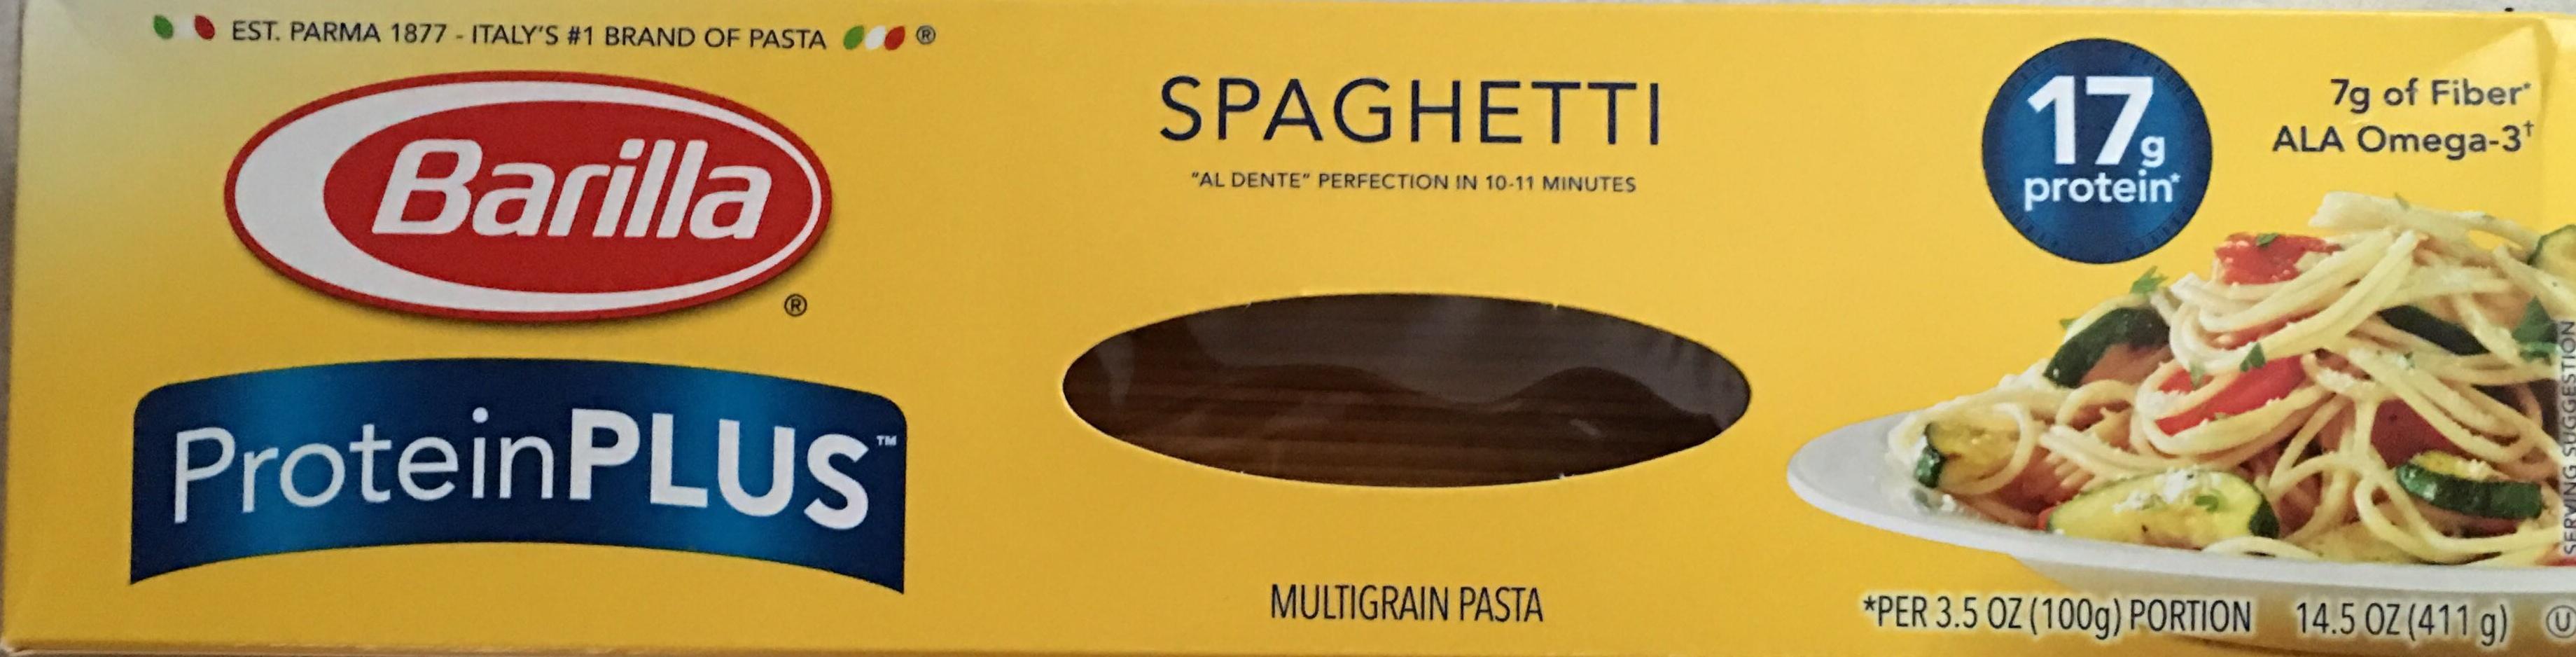 Protein Plus Spaghetti - Product